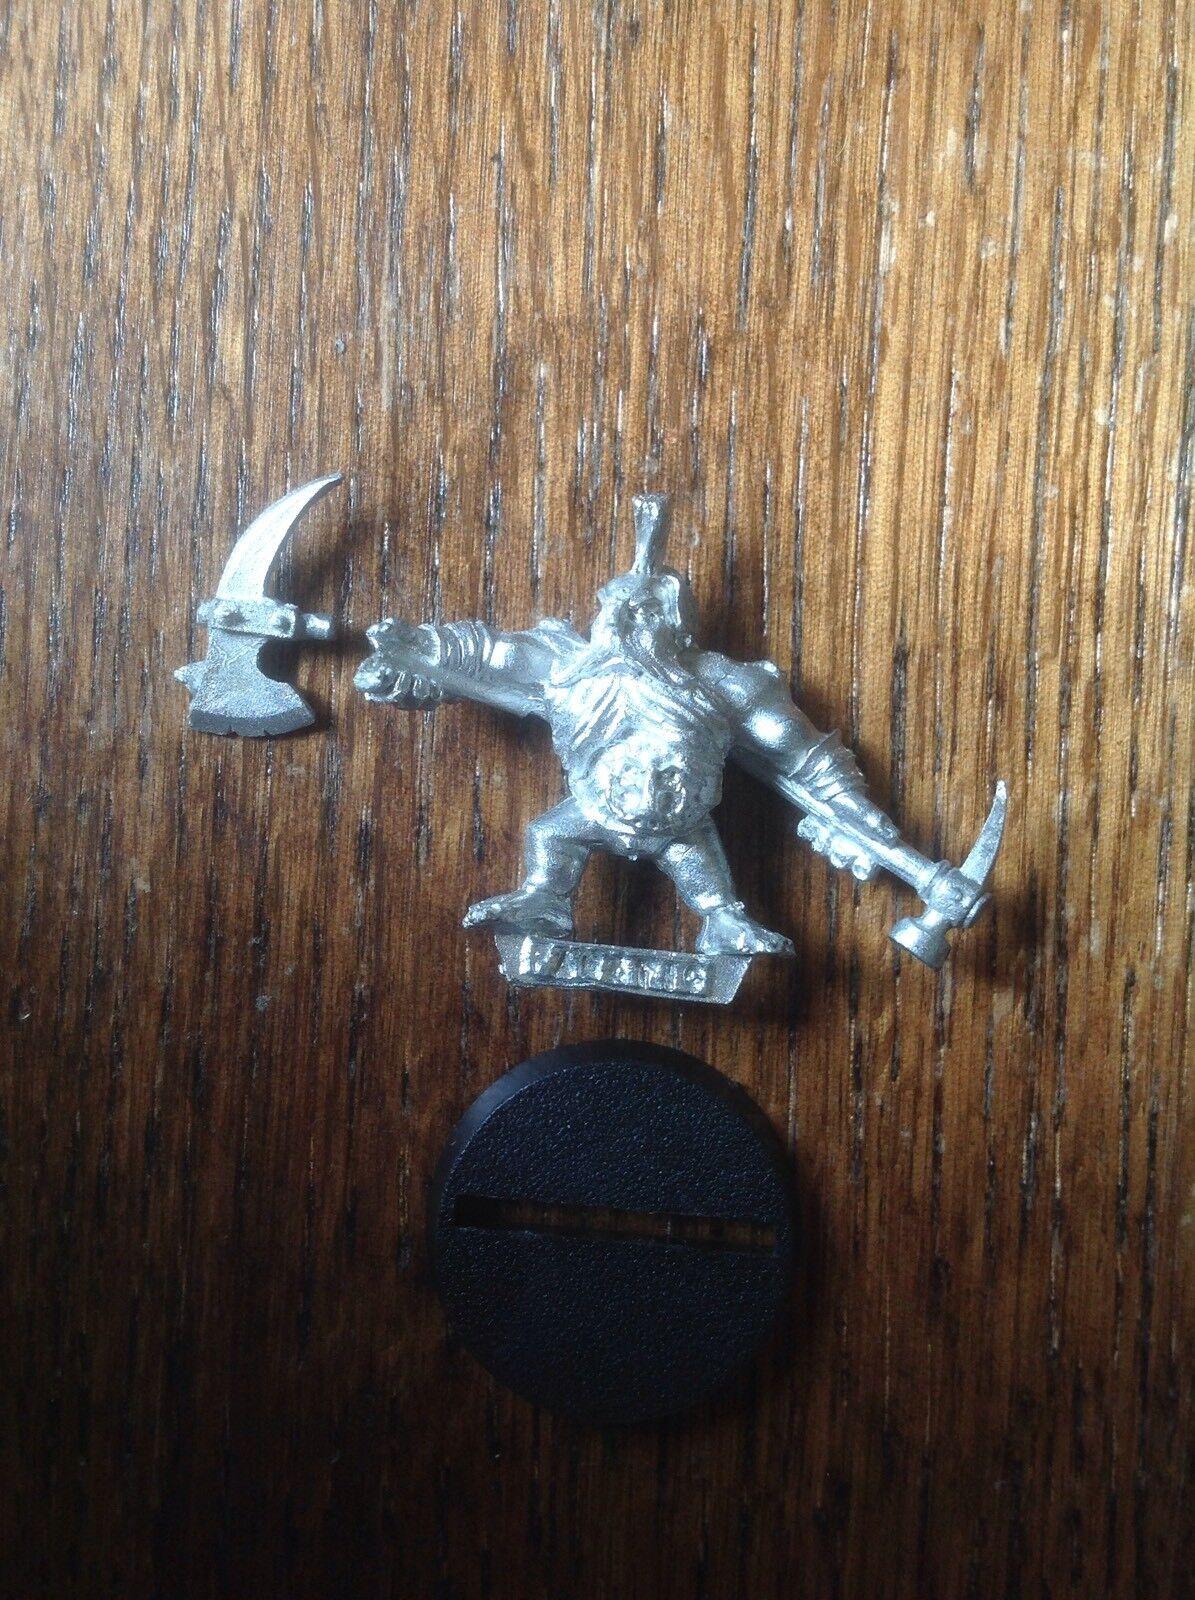 Warhammer. Mordheim Dwarf Pit Fighter, Dwarf Slayer. Metal.